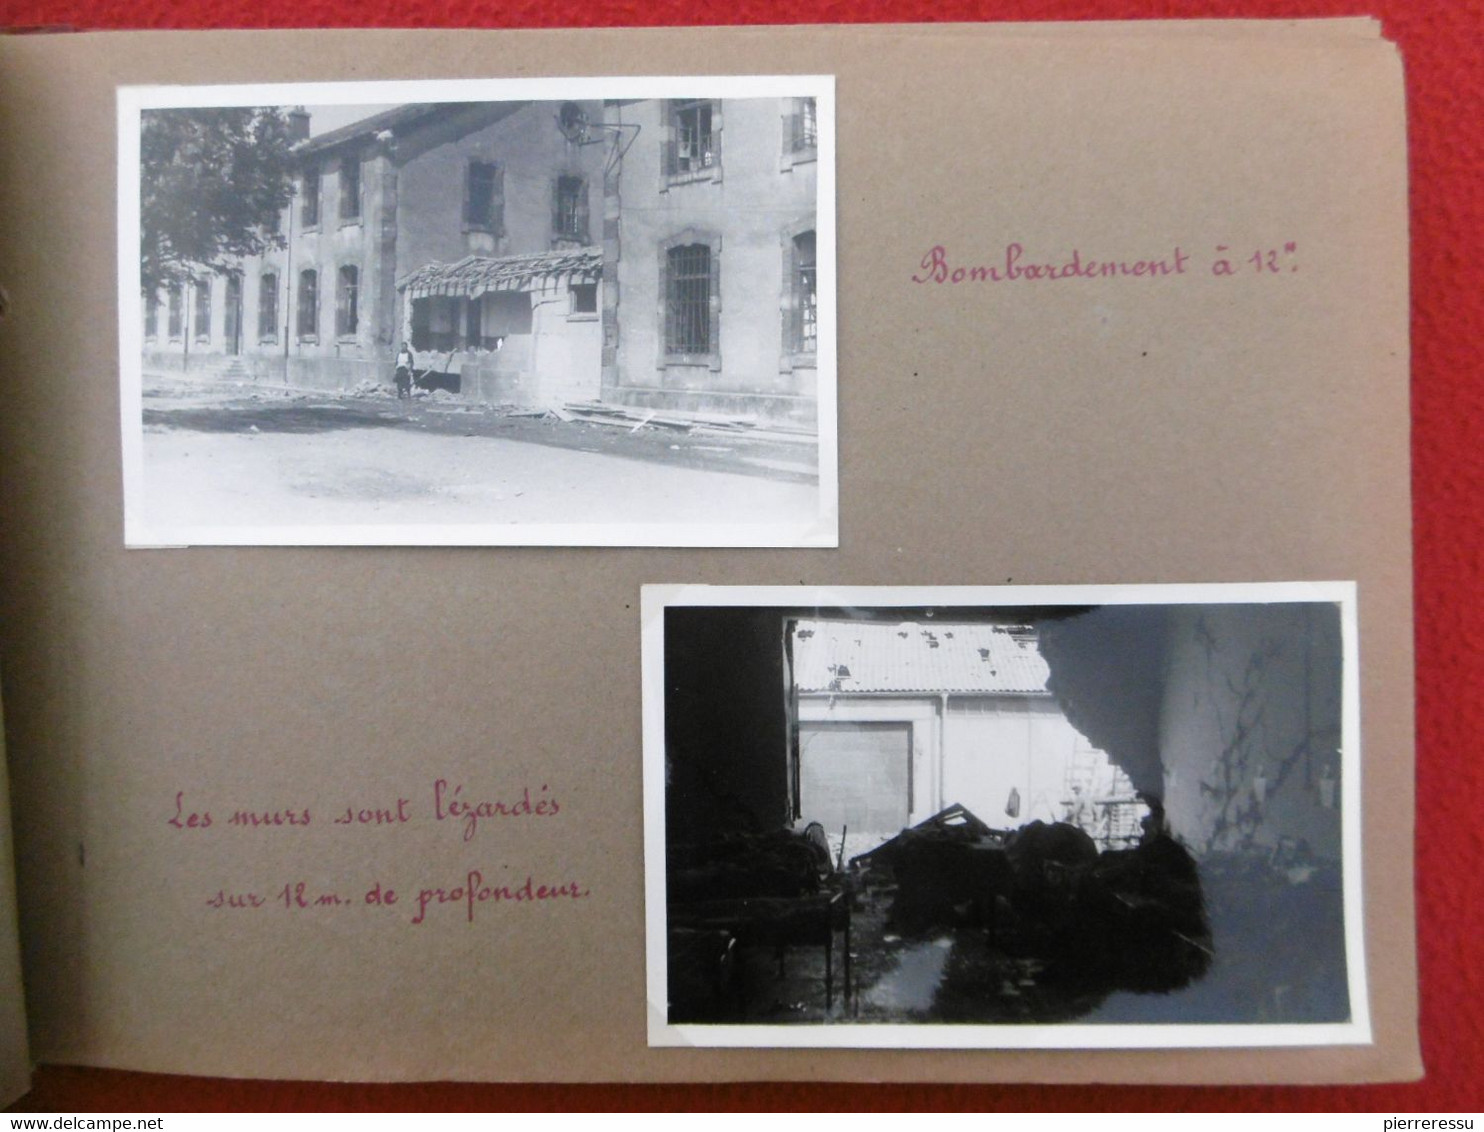 PHOTOS PARC D'ARTILLERIE DE CONFLANS AMBULANCE CHIRURGICALE LOURDE 427 LABRY LE BLAYMARD BANNES VILLEFORT EXODE 1940 - War, Military